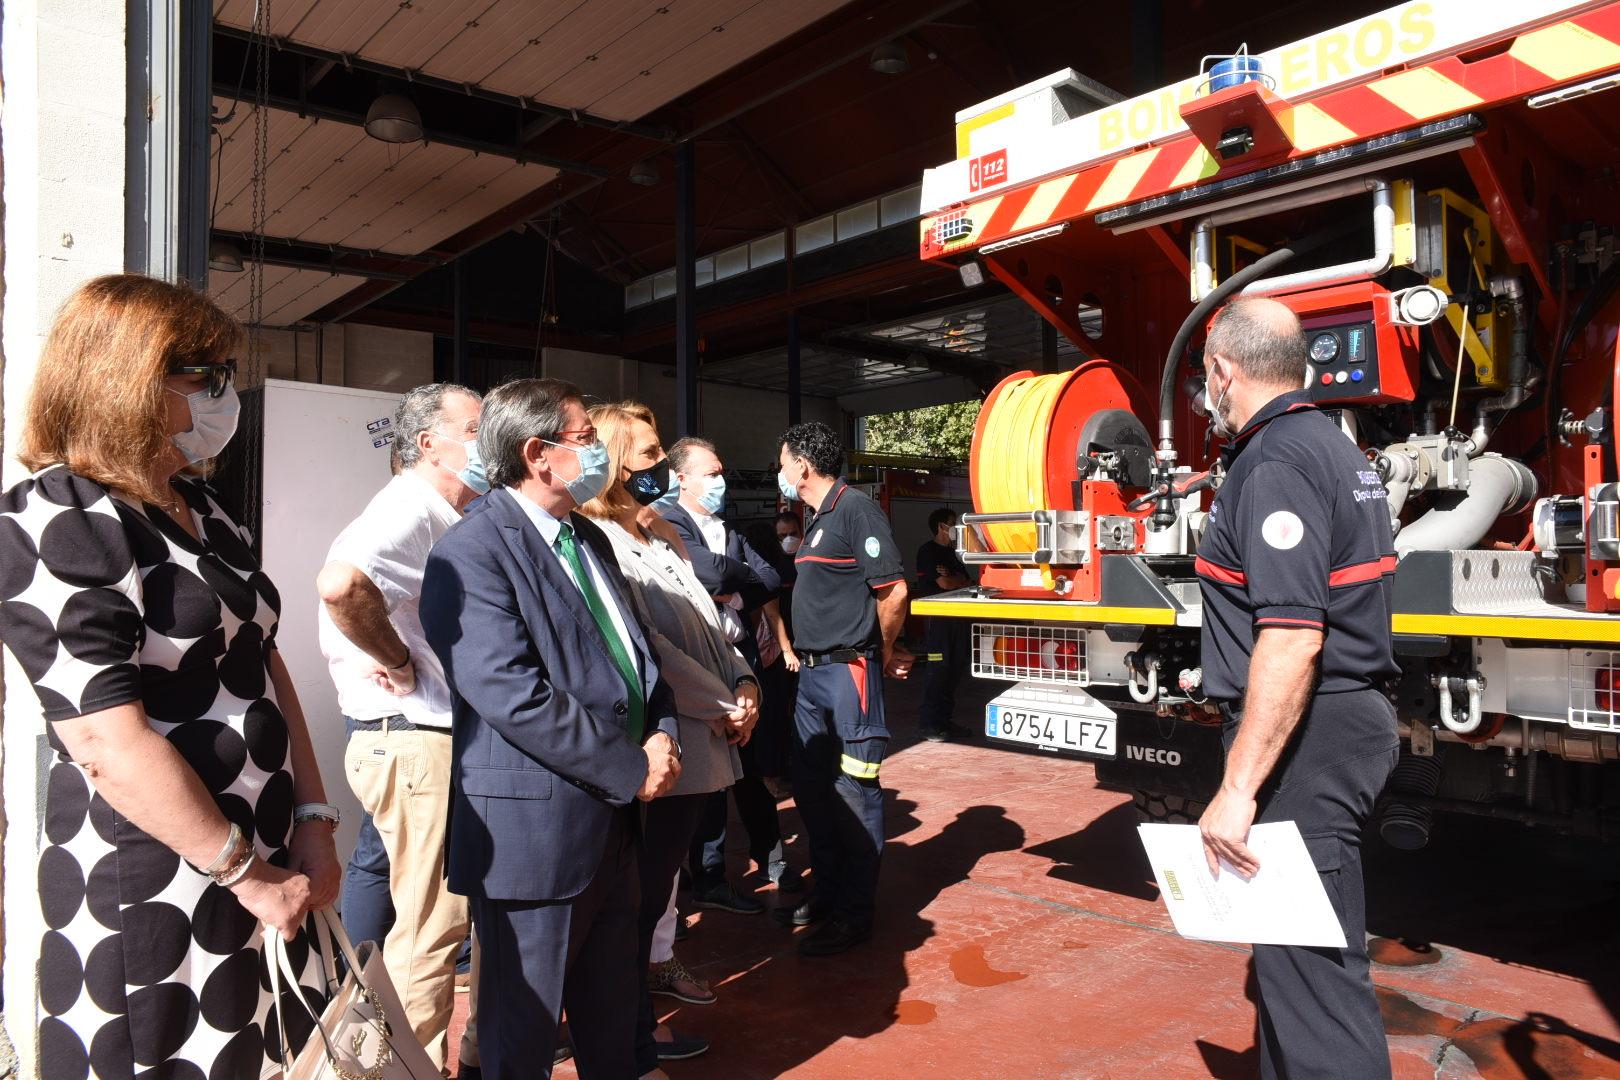 El Consorcio Provincial de Bomberos destinará 852.000 euros para la reforma y ampliación del Parque de Motril